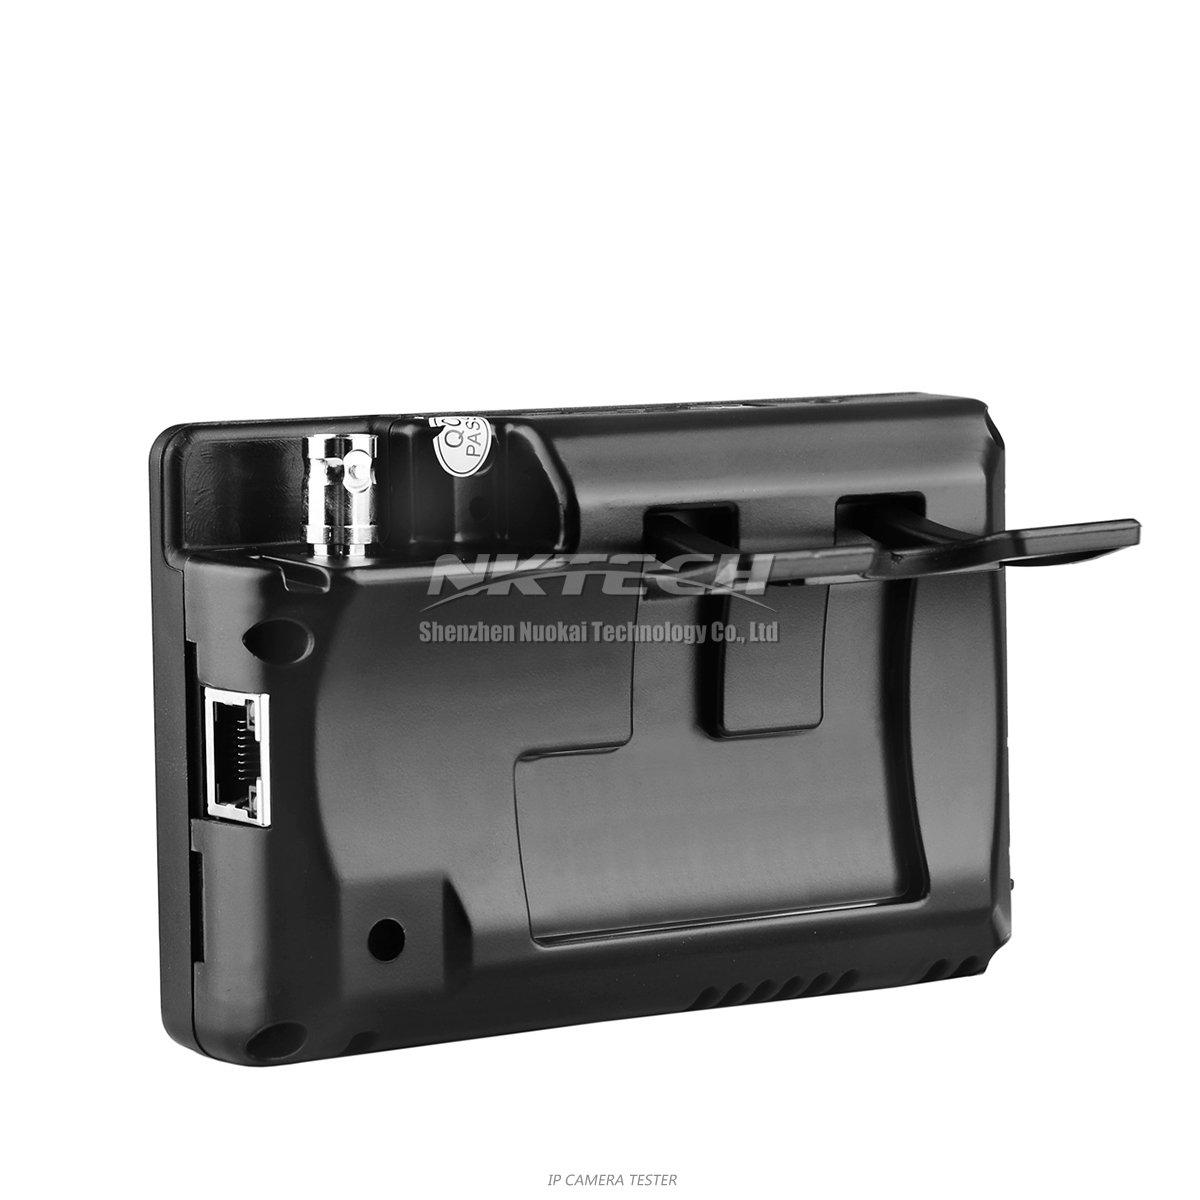 nktech nk-795 IP cámara seguridad CCTV Tester Monitor analógico CVBS cámaras DVR Kits prueba WiFi Audio de 3.5 TFT Touch de pantalla de vídeo 4K ...